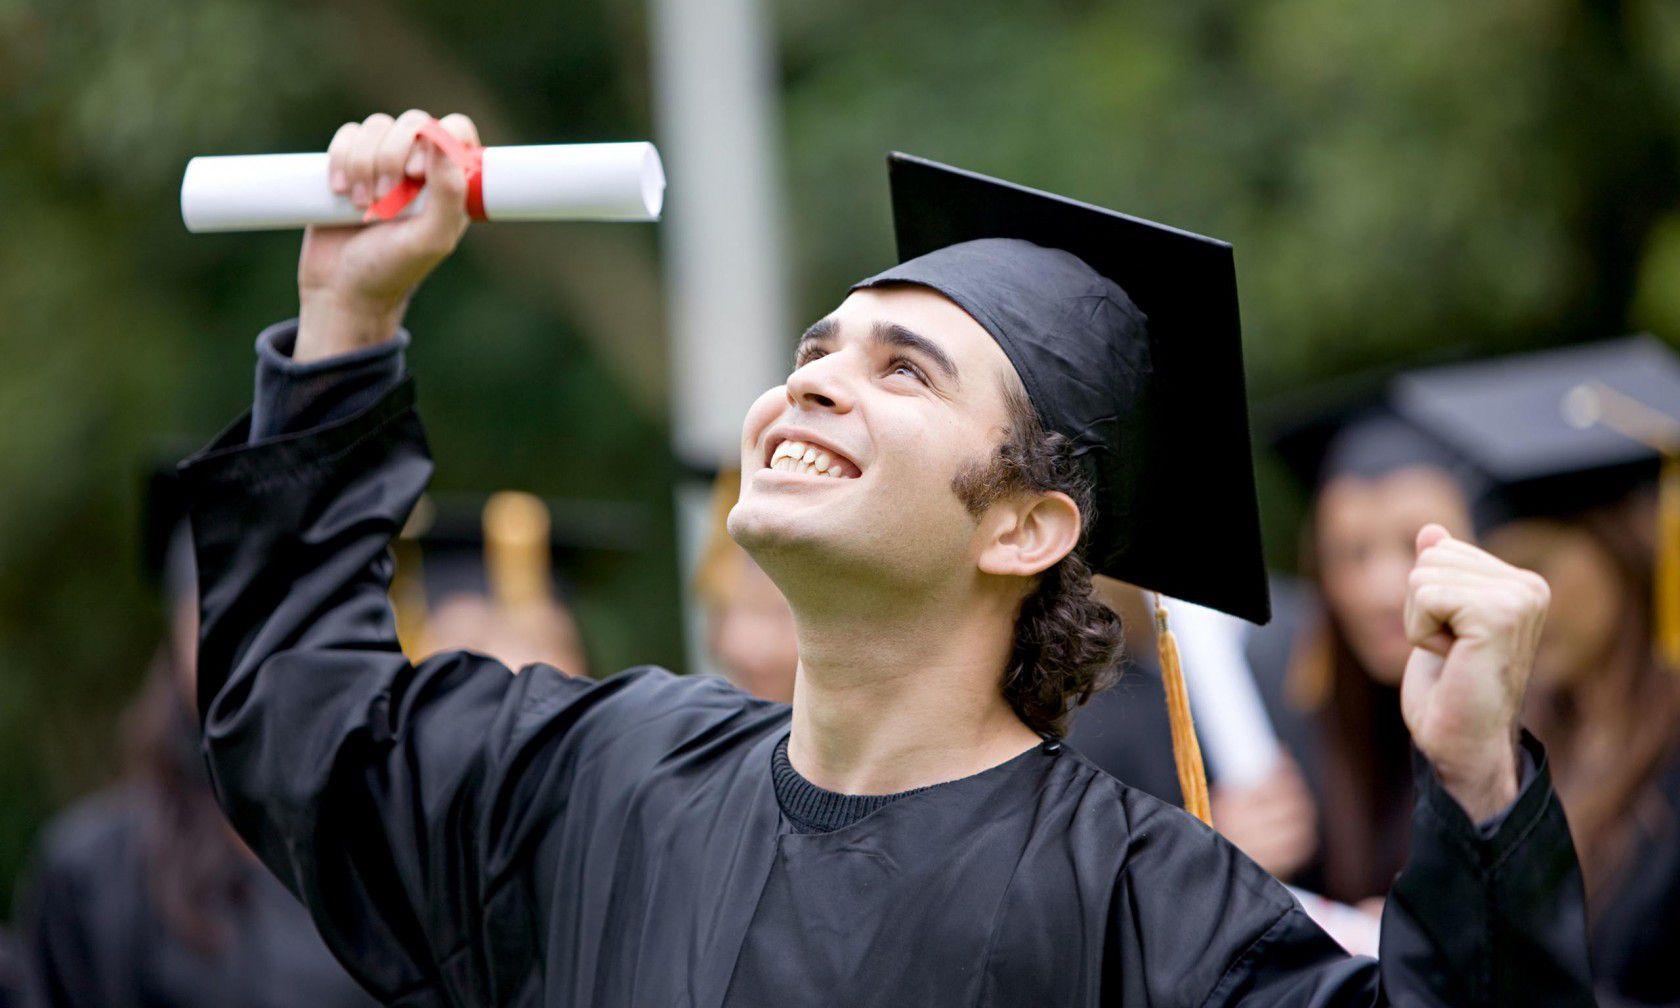 Yurtdışı Lise IGCSE Programlarına Başvuru Şartları Nelerdir?